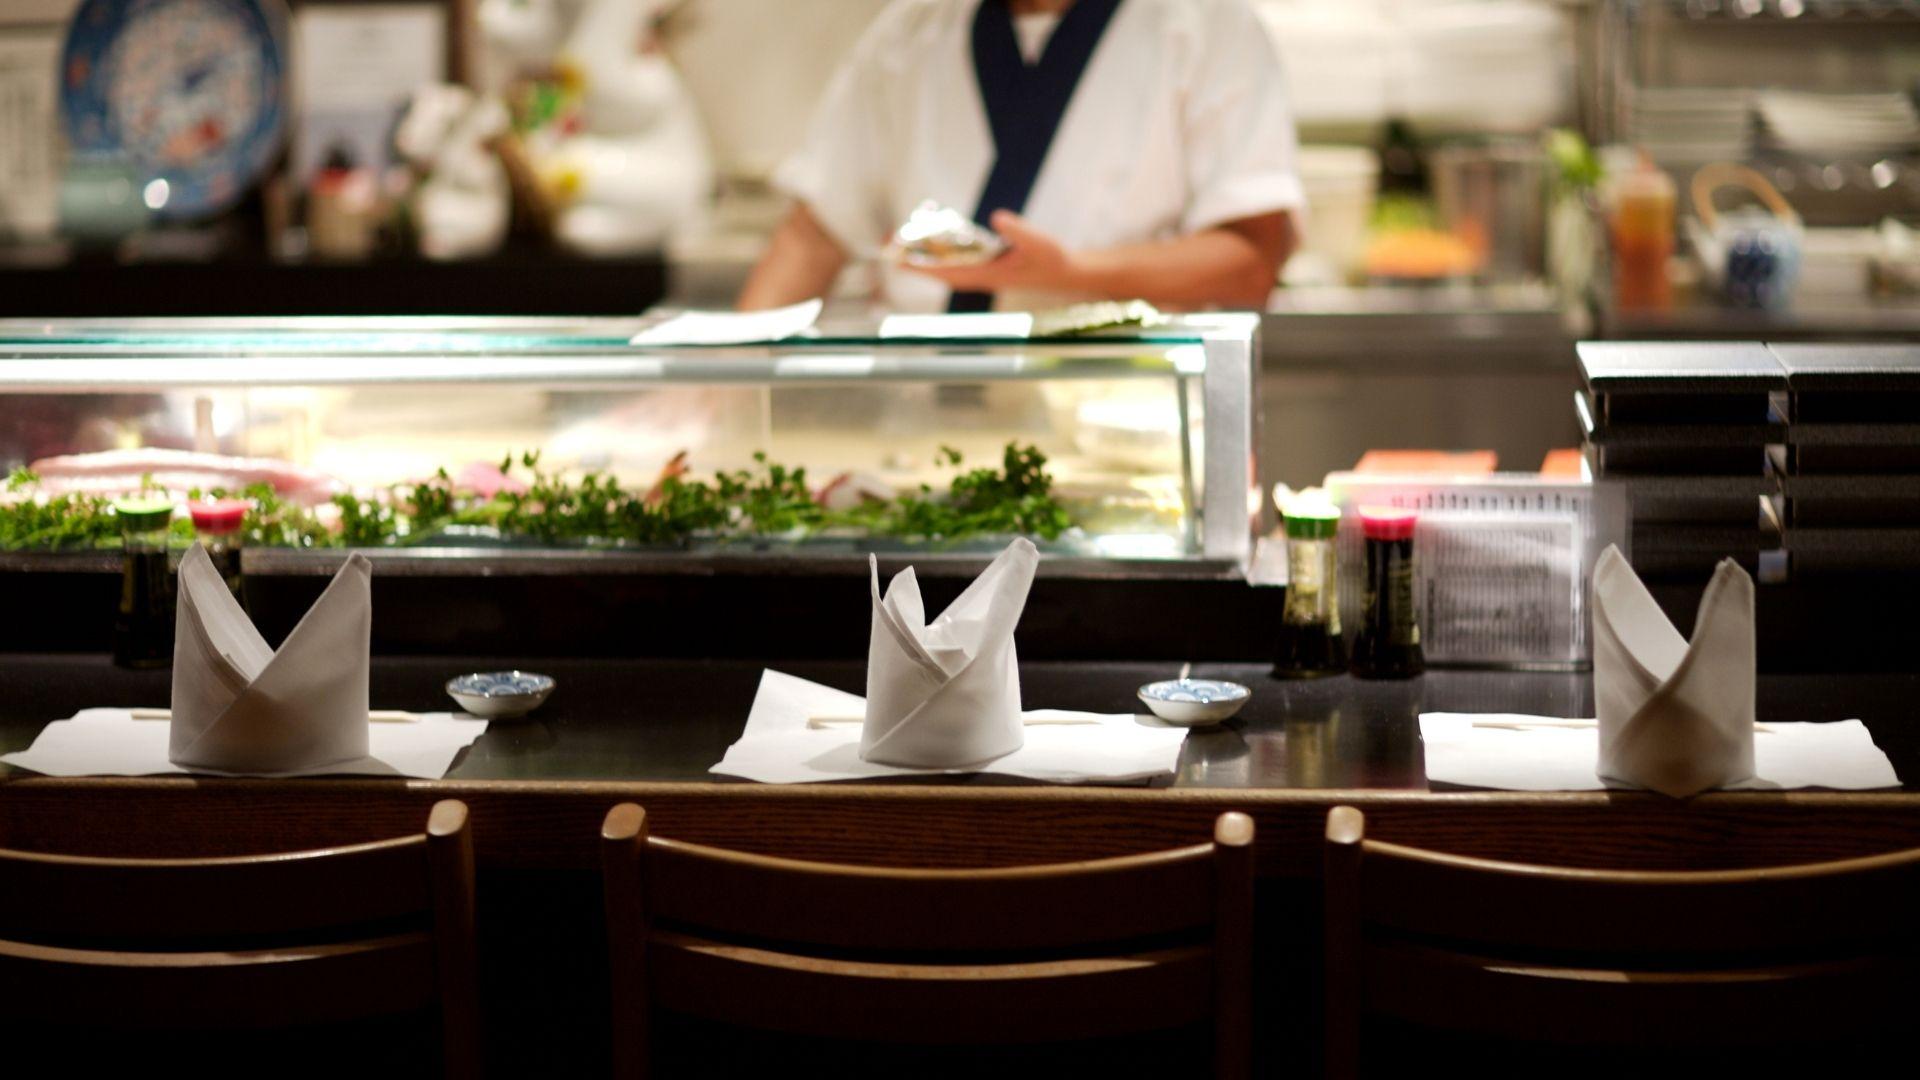 Típico restaurante sushi bar de Japón